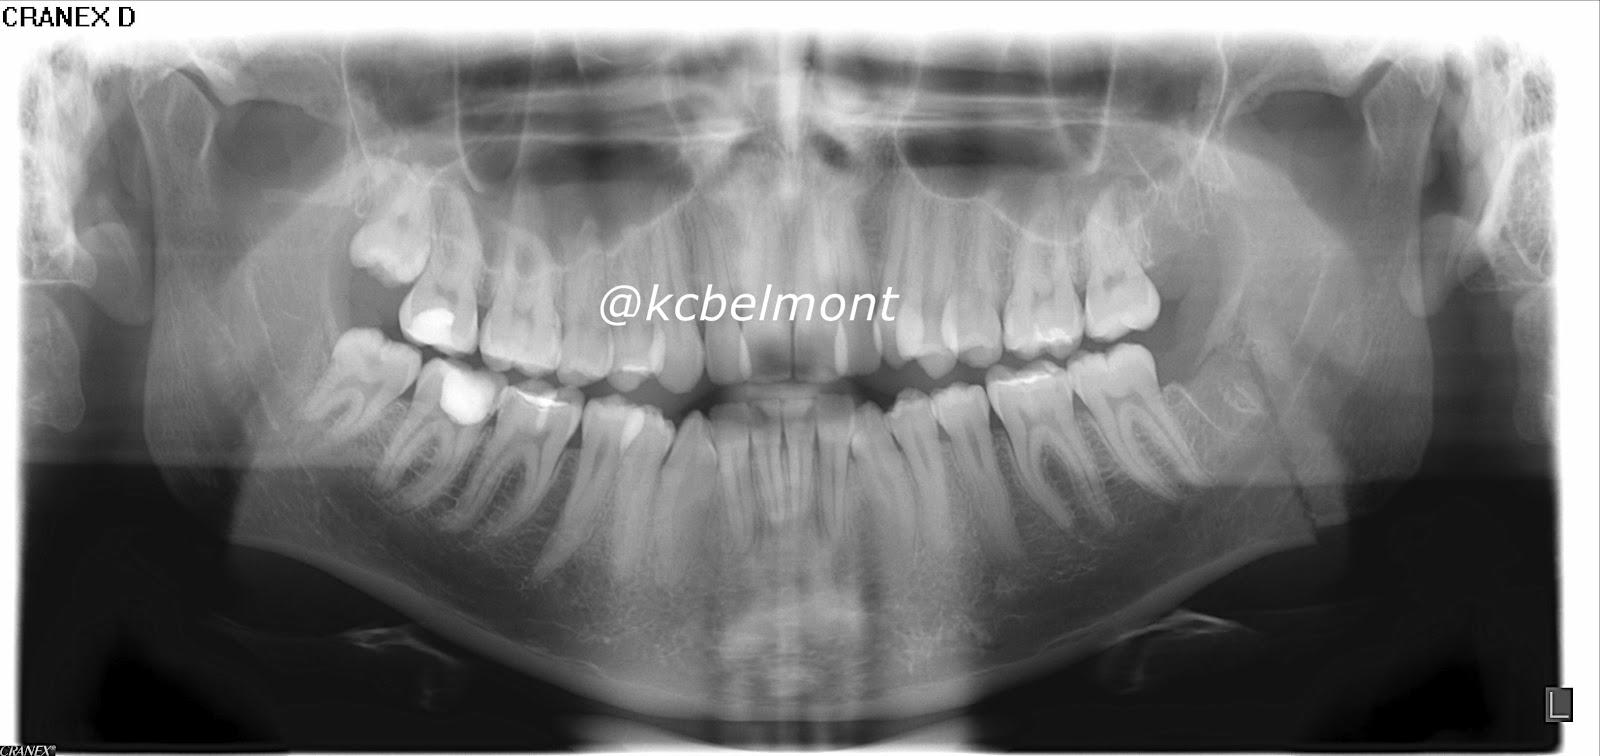 Fratura por exodontia do 3 molar inferior inpactado 5